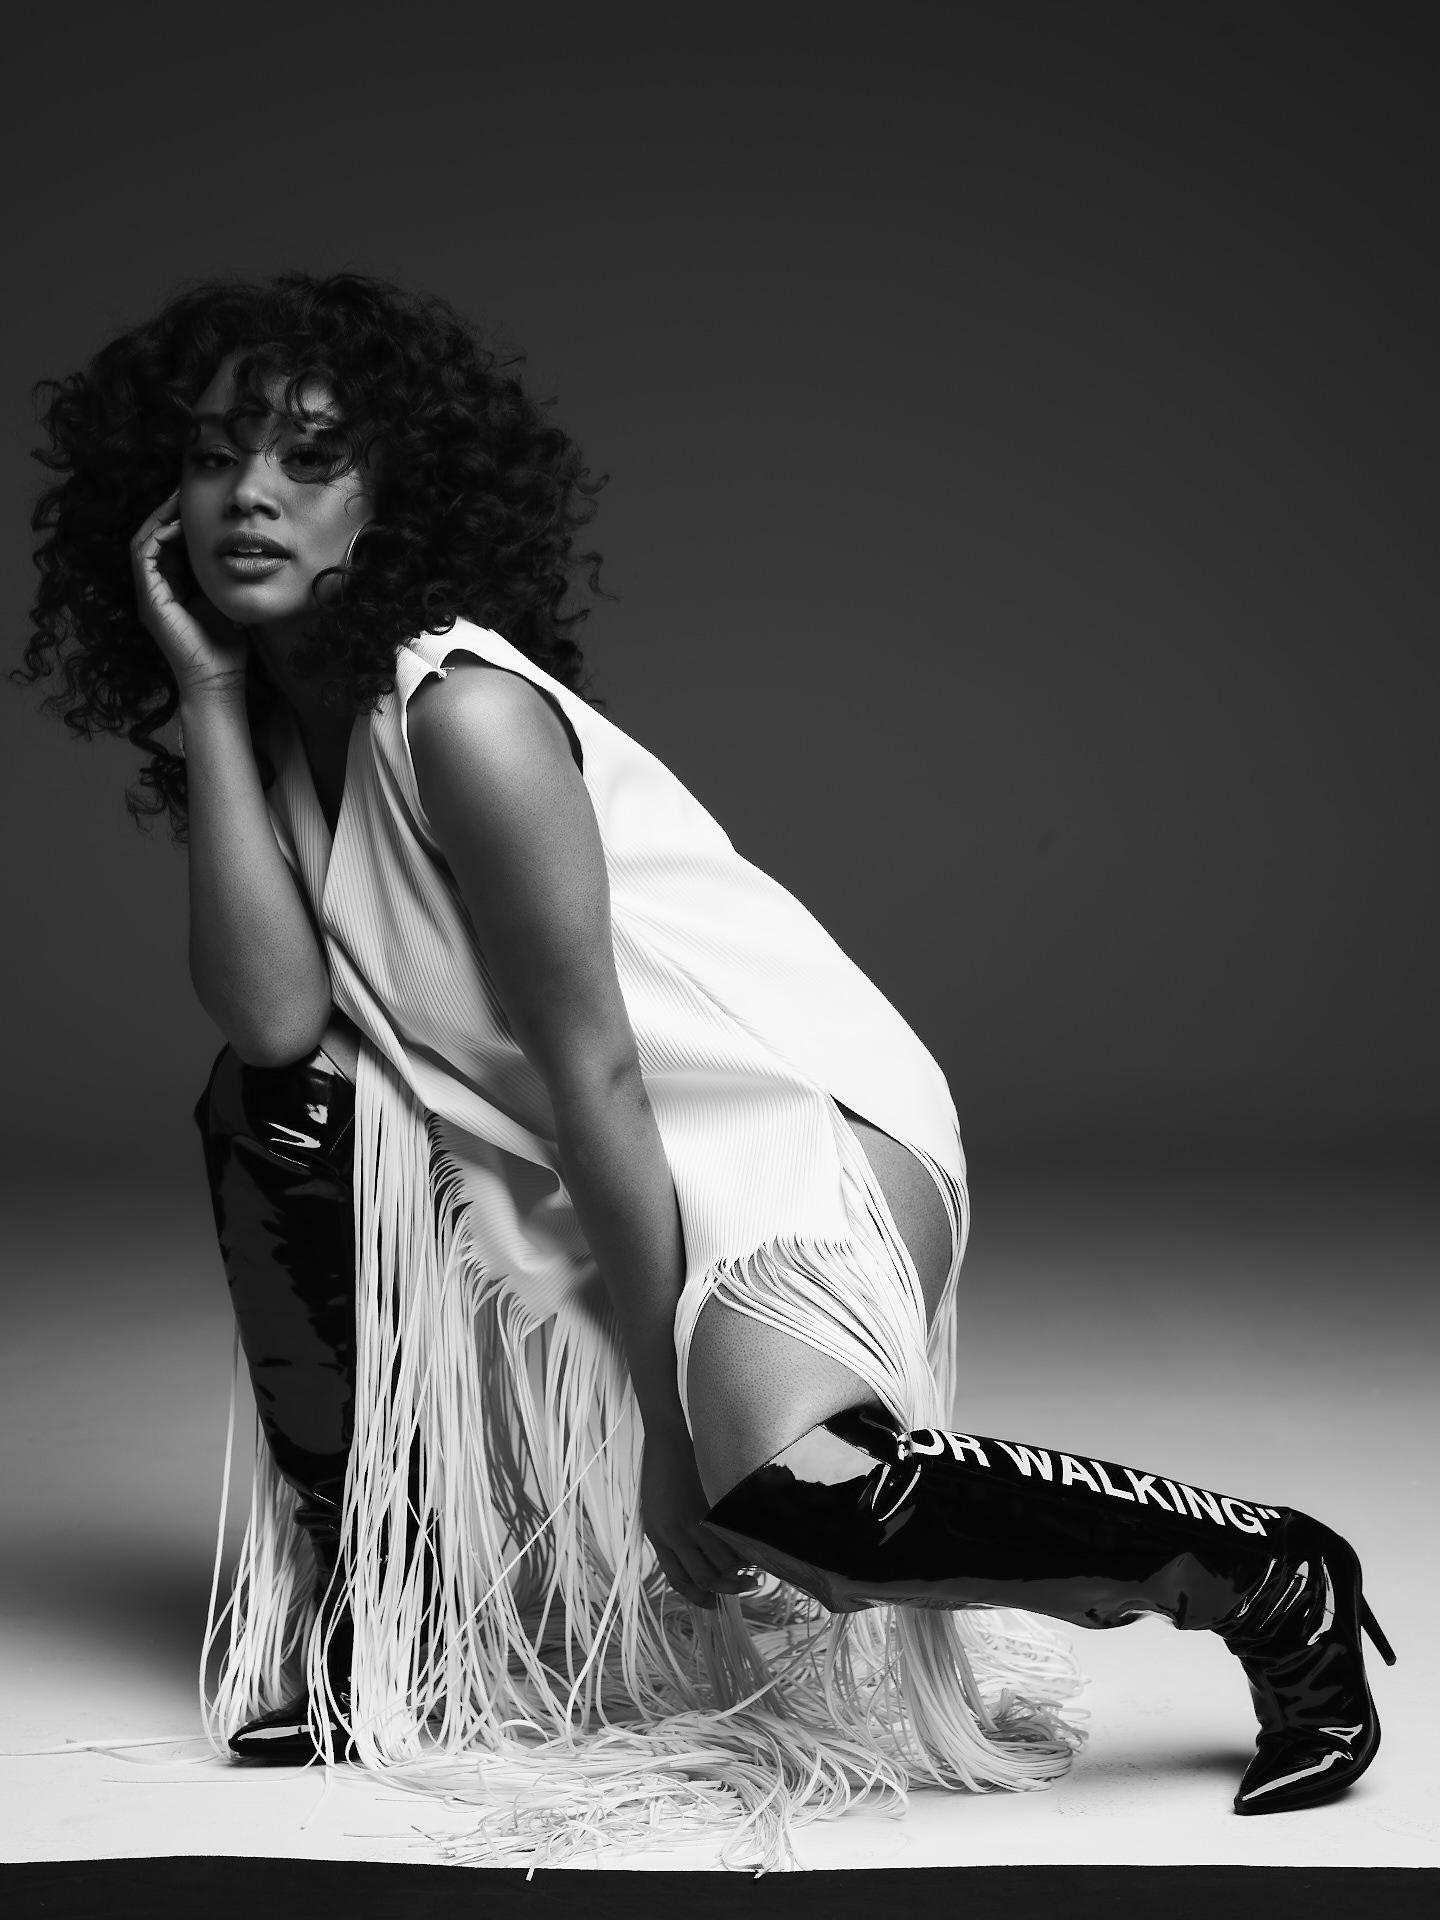 Black-ish Star Katlyn Nichol Drops New Single Liar   SWGRUS